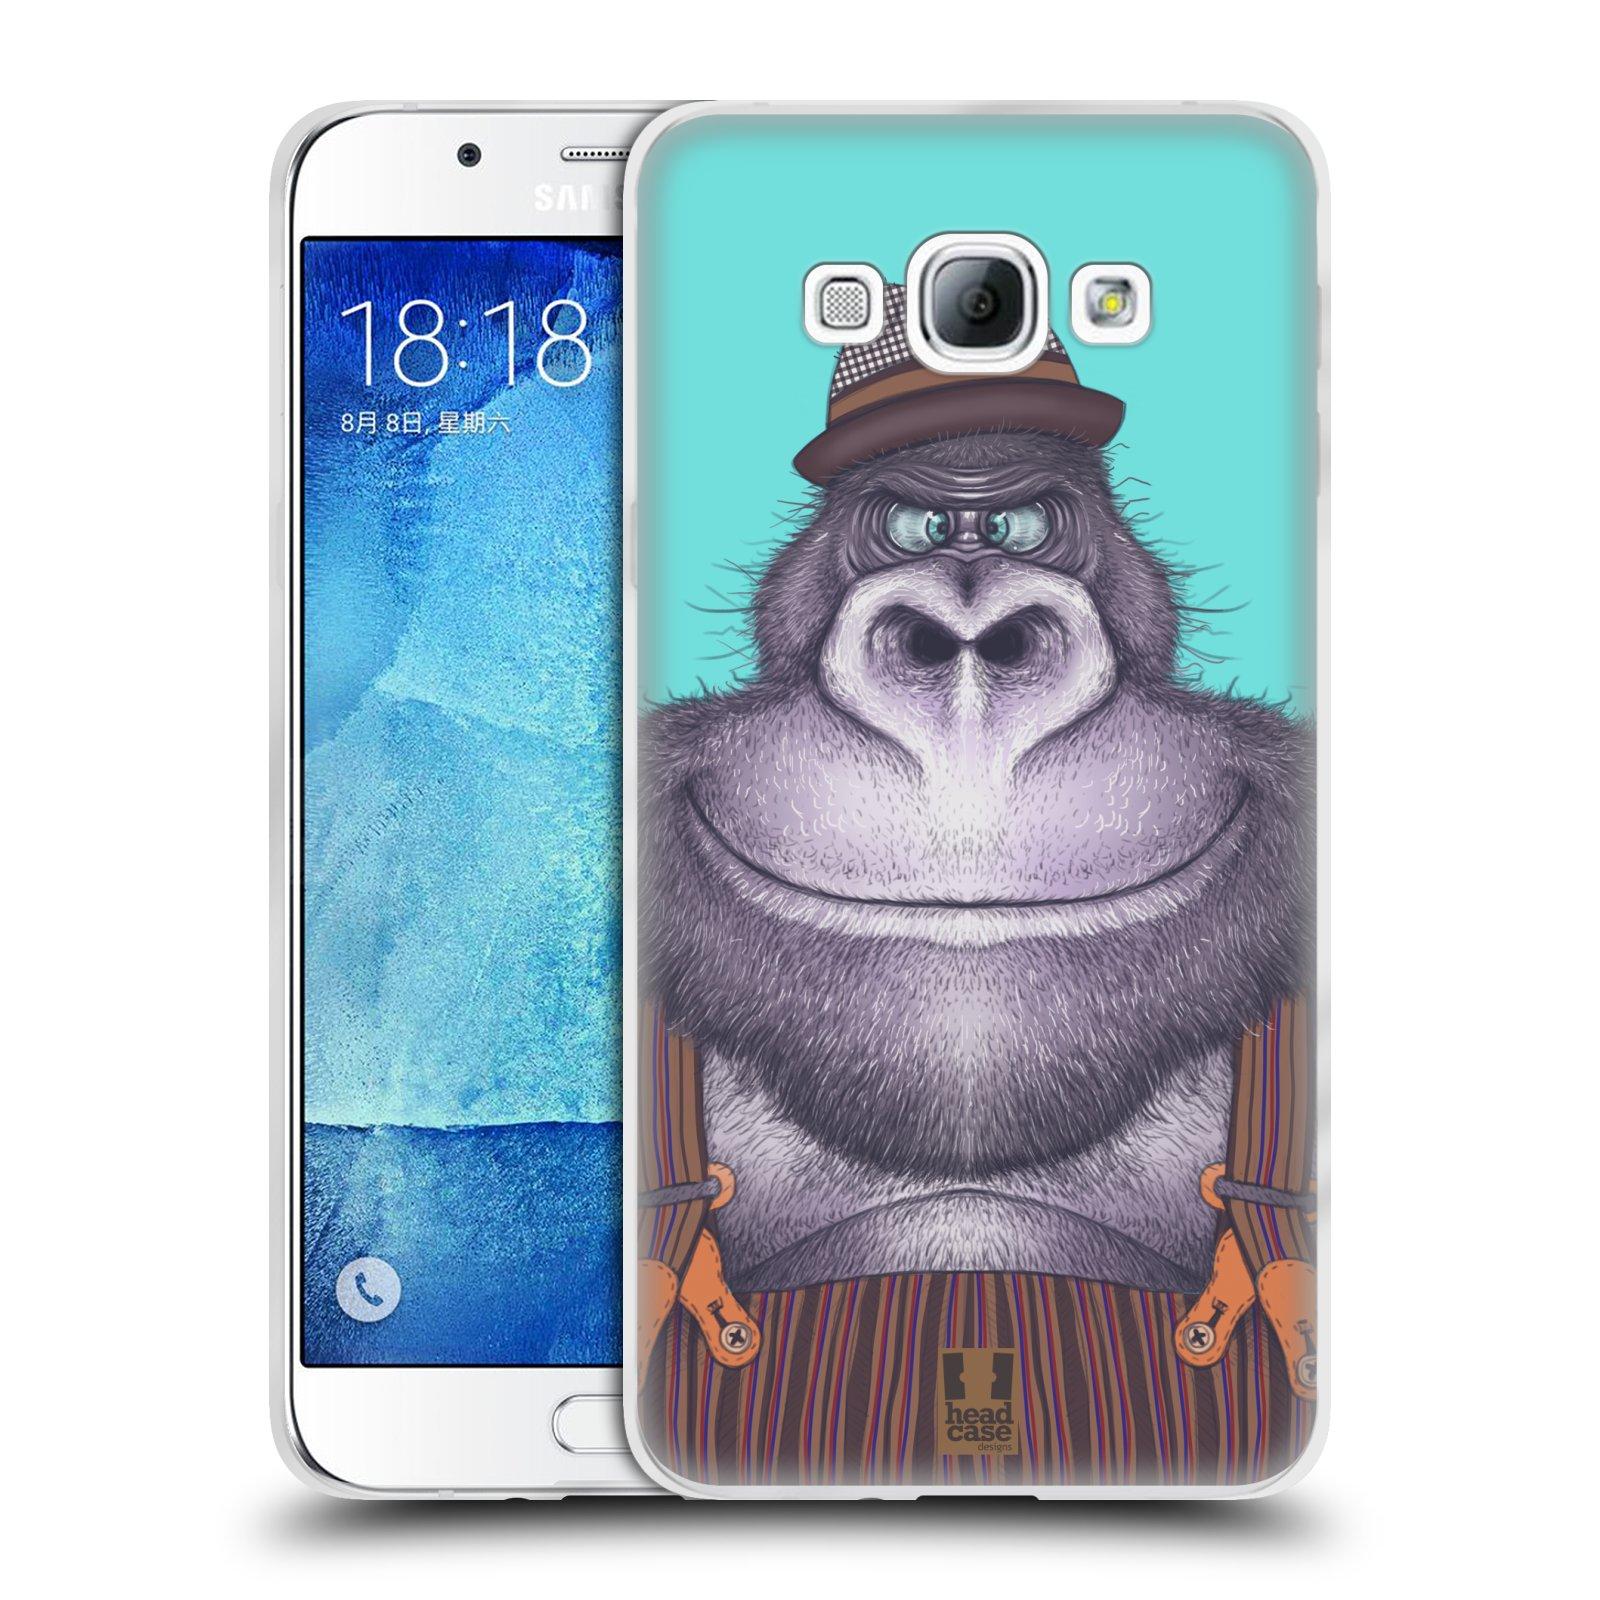 HEAD CASE silikonový obal na mobil Samsung Galaxy A8 vzor Kreslená zvířátka gorila